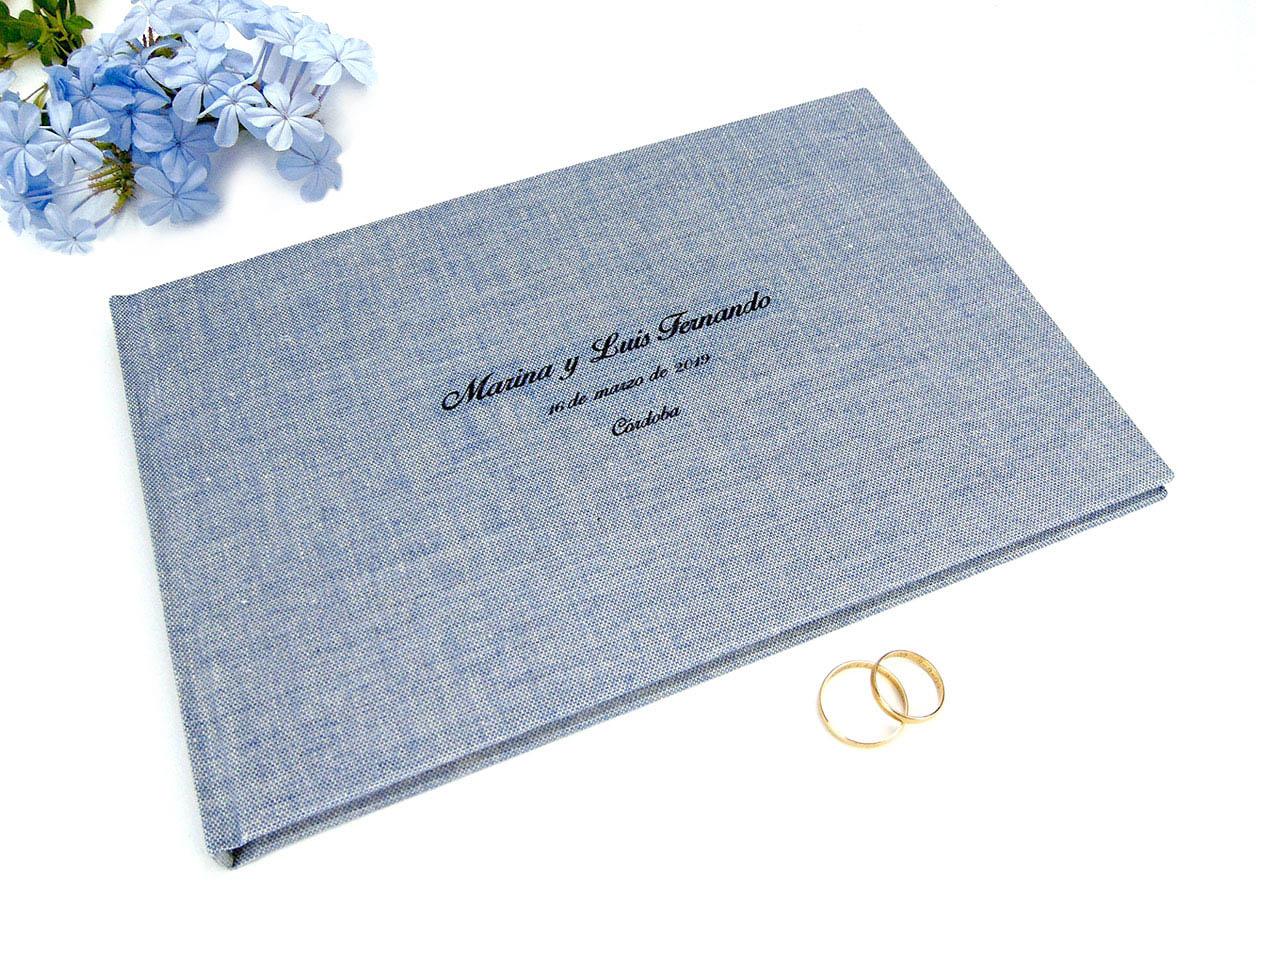 Libro de firmas forrado con tela de  lino azul estampada.